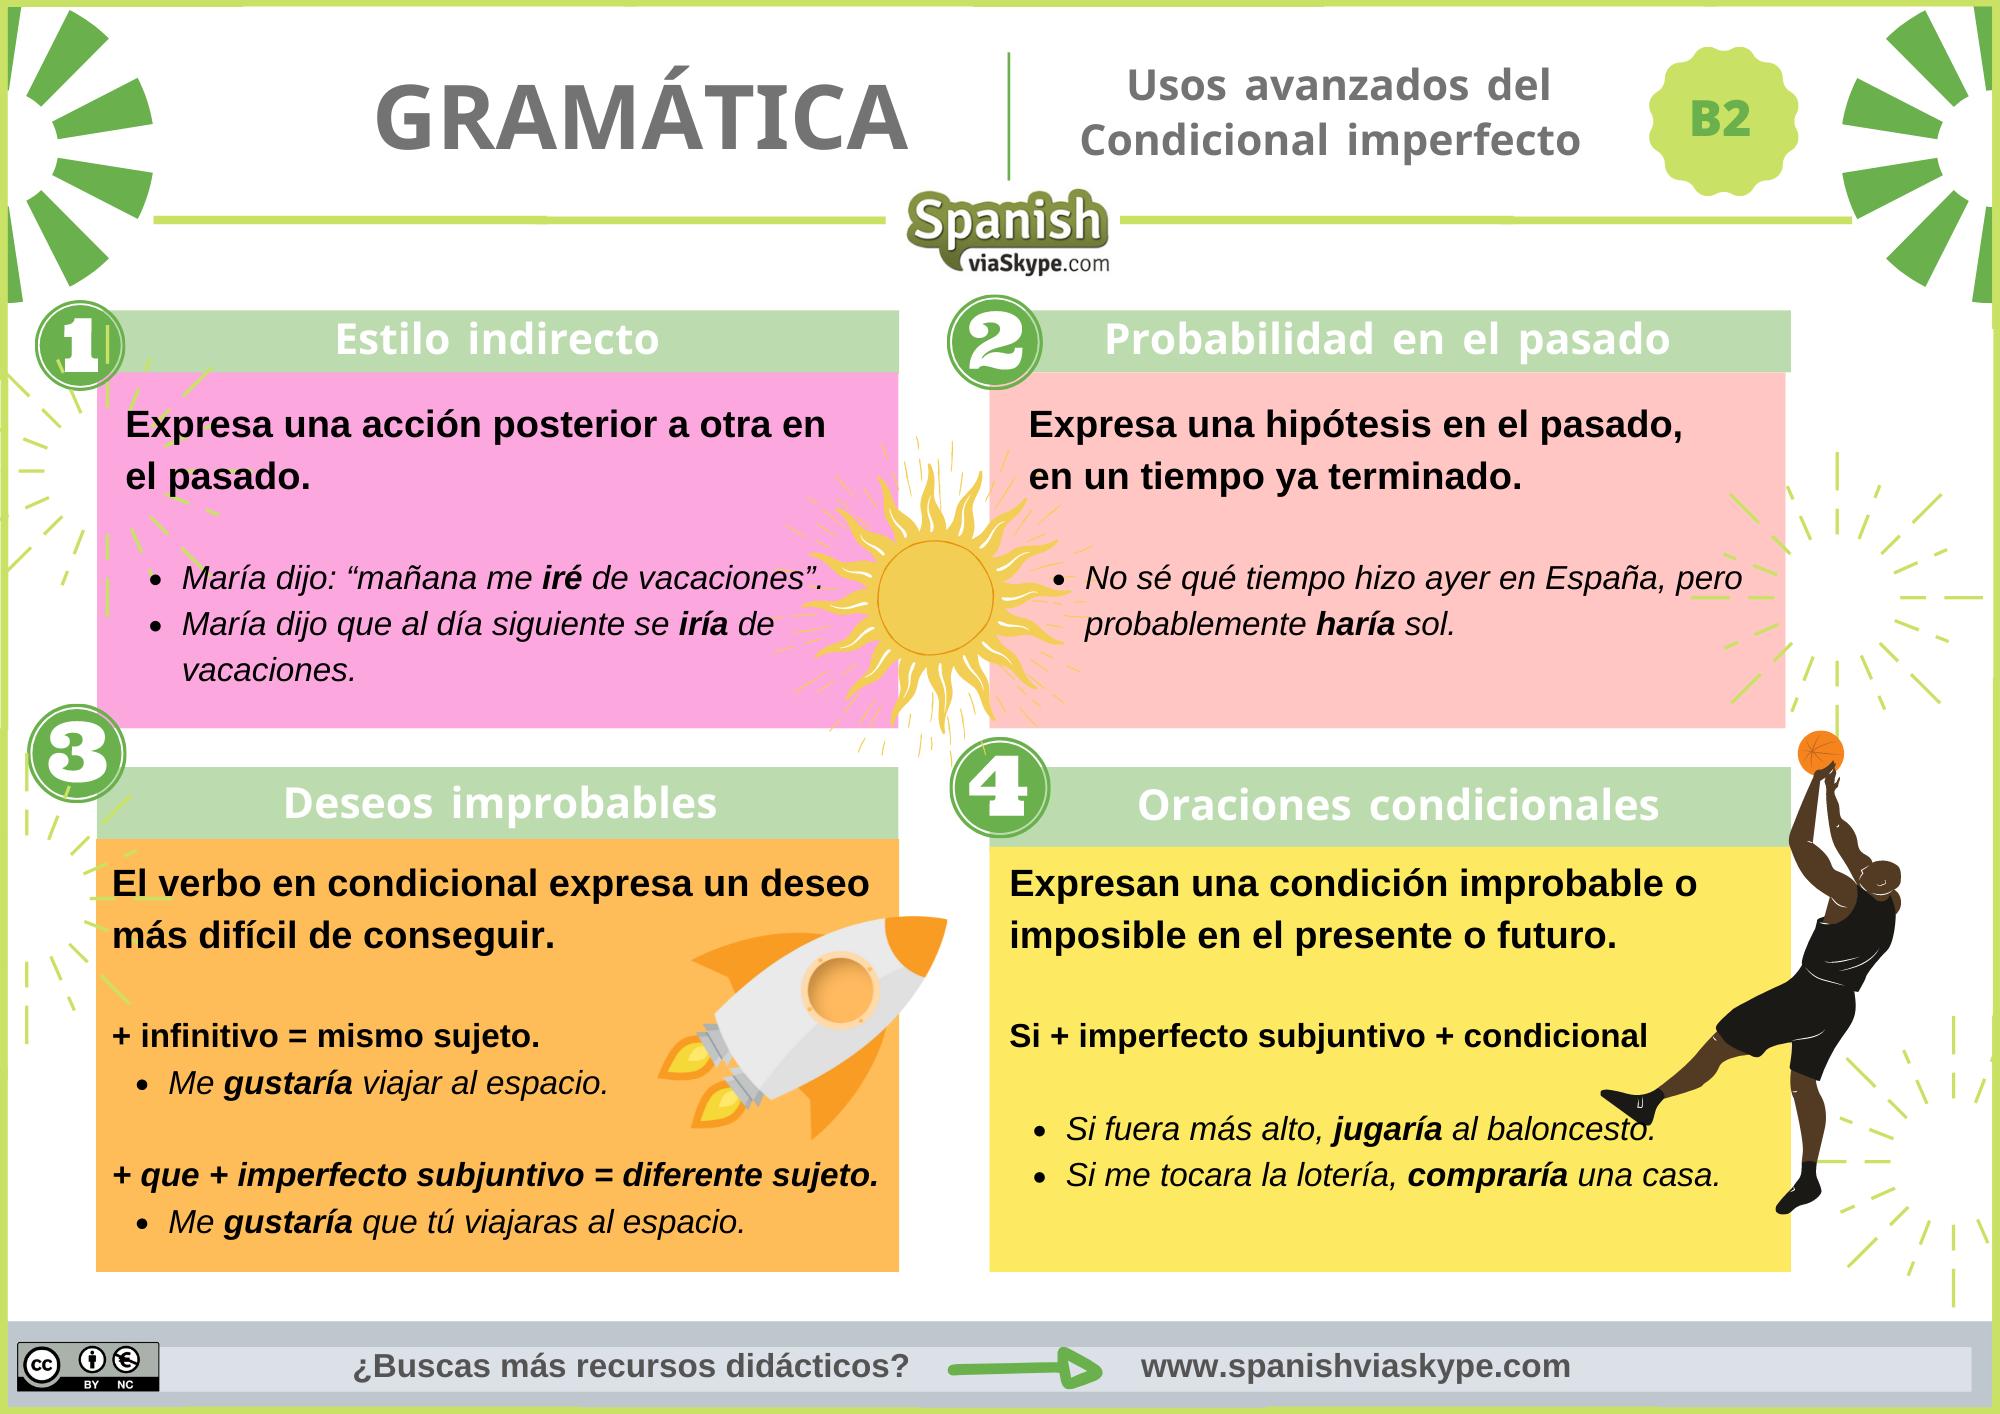 Infografía sobre los usos avanzados del condicional imperfecto en español